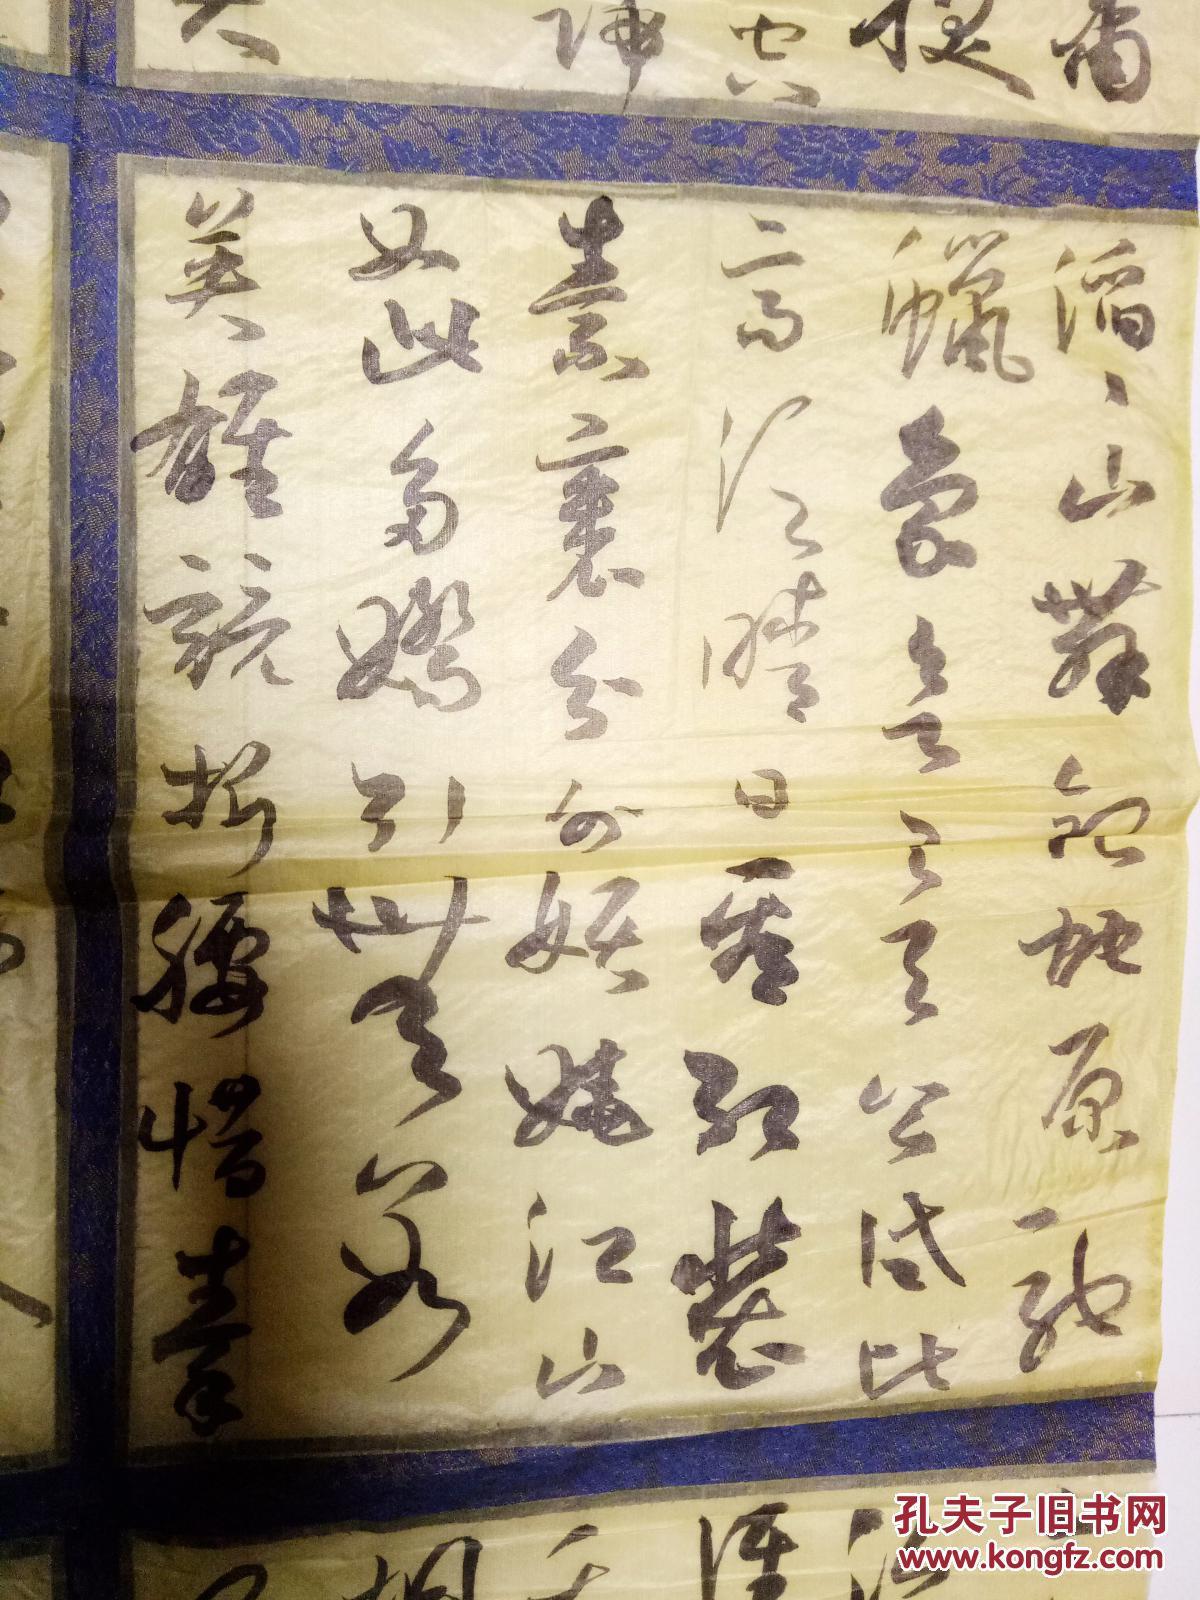 中国书法家协会会员杨继赞 绢本草书 毛主席诗词钞 建国九十周年参展作品